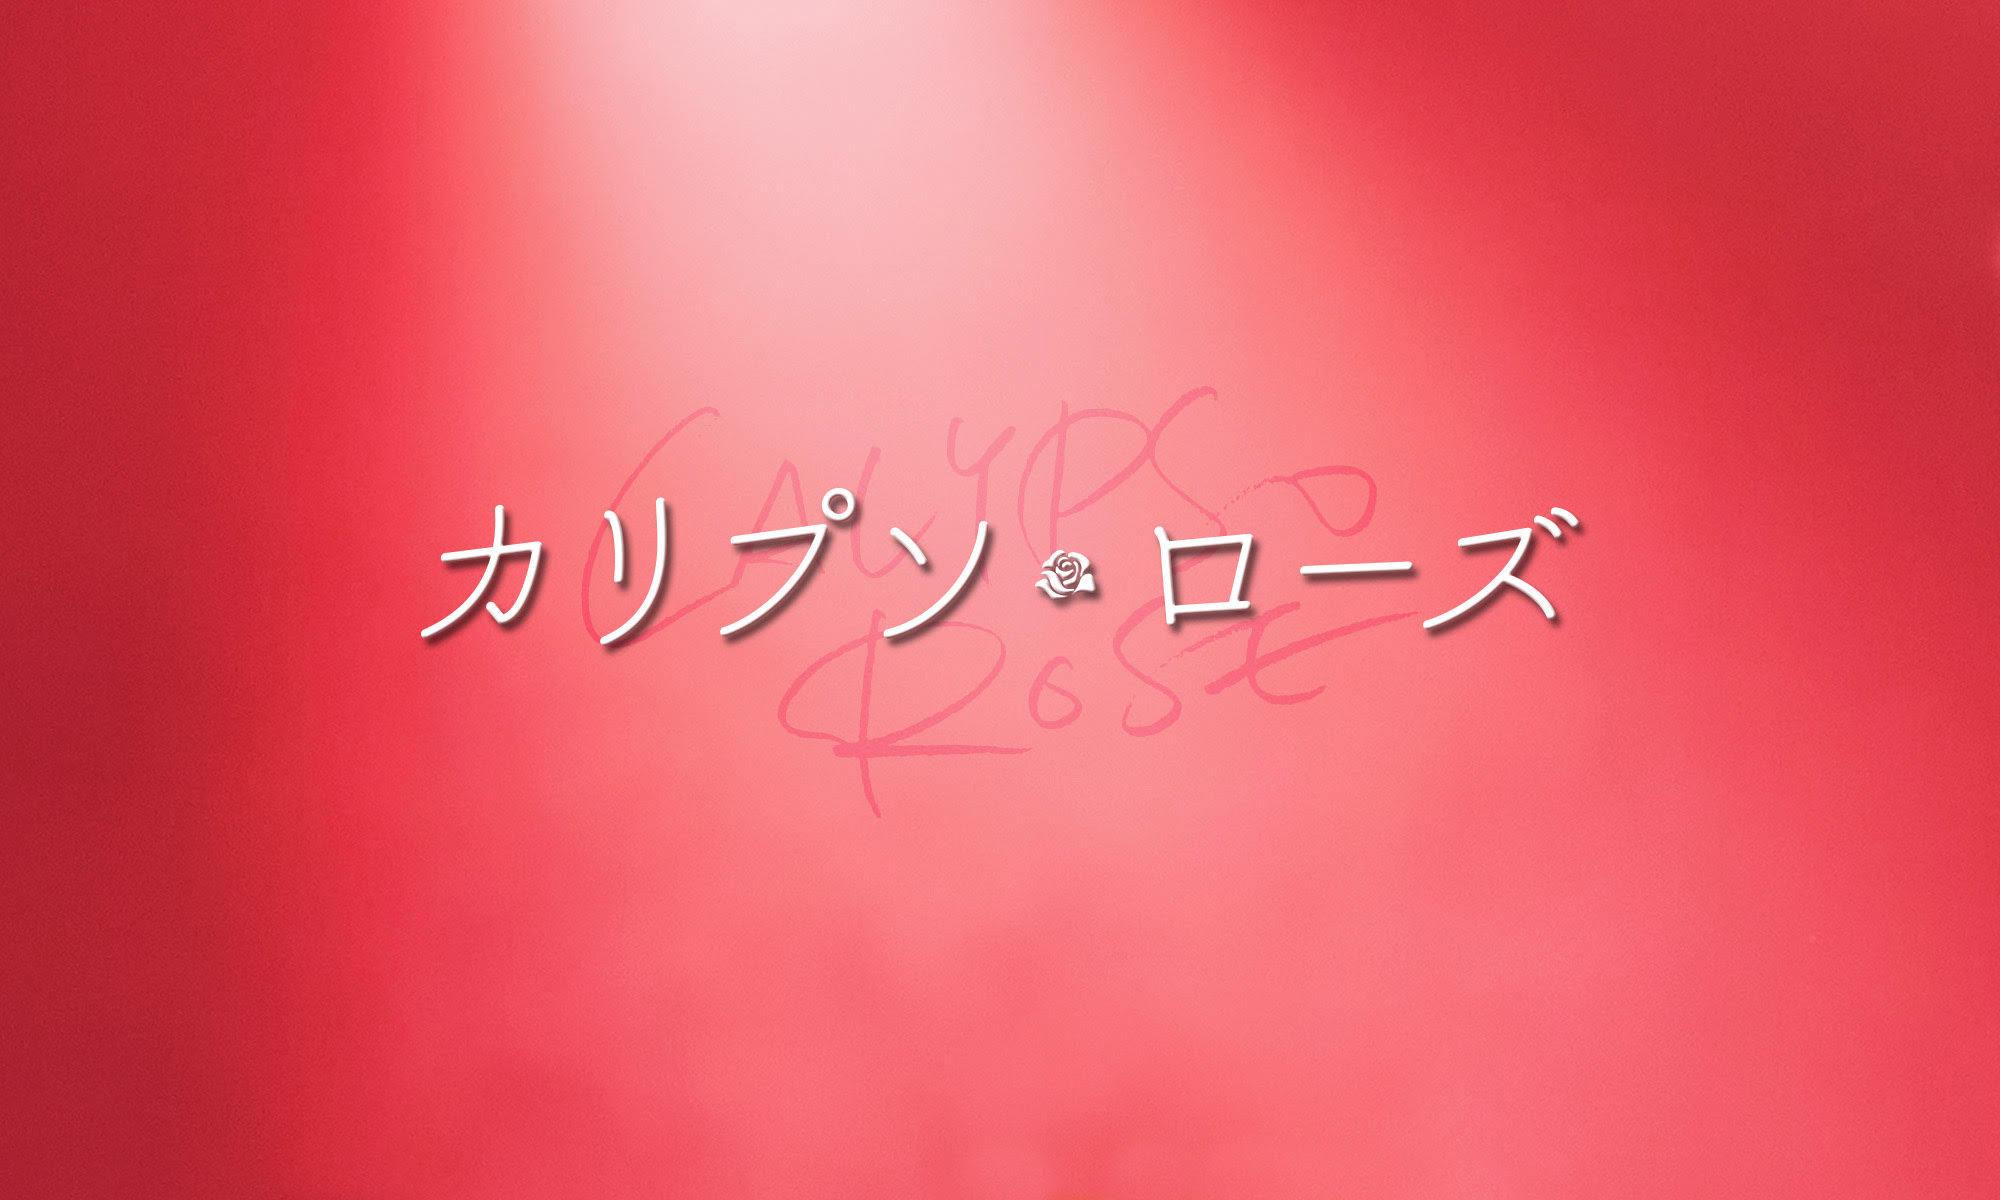 映画『カリプソ・ローズ』公式サイト